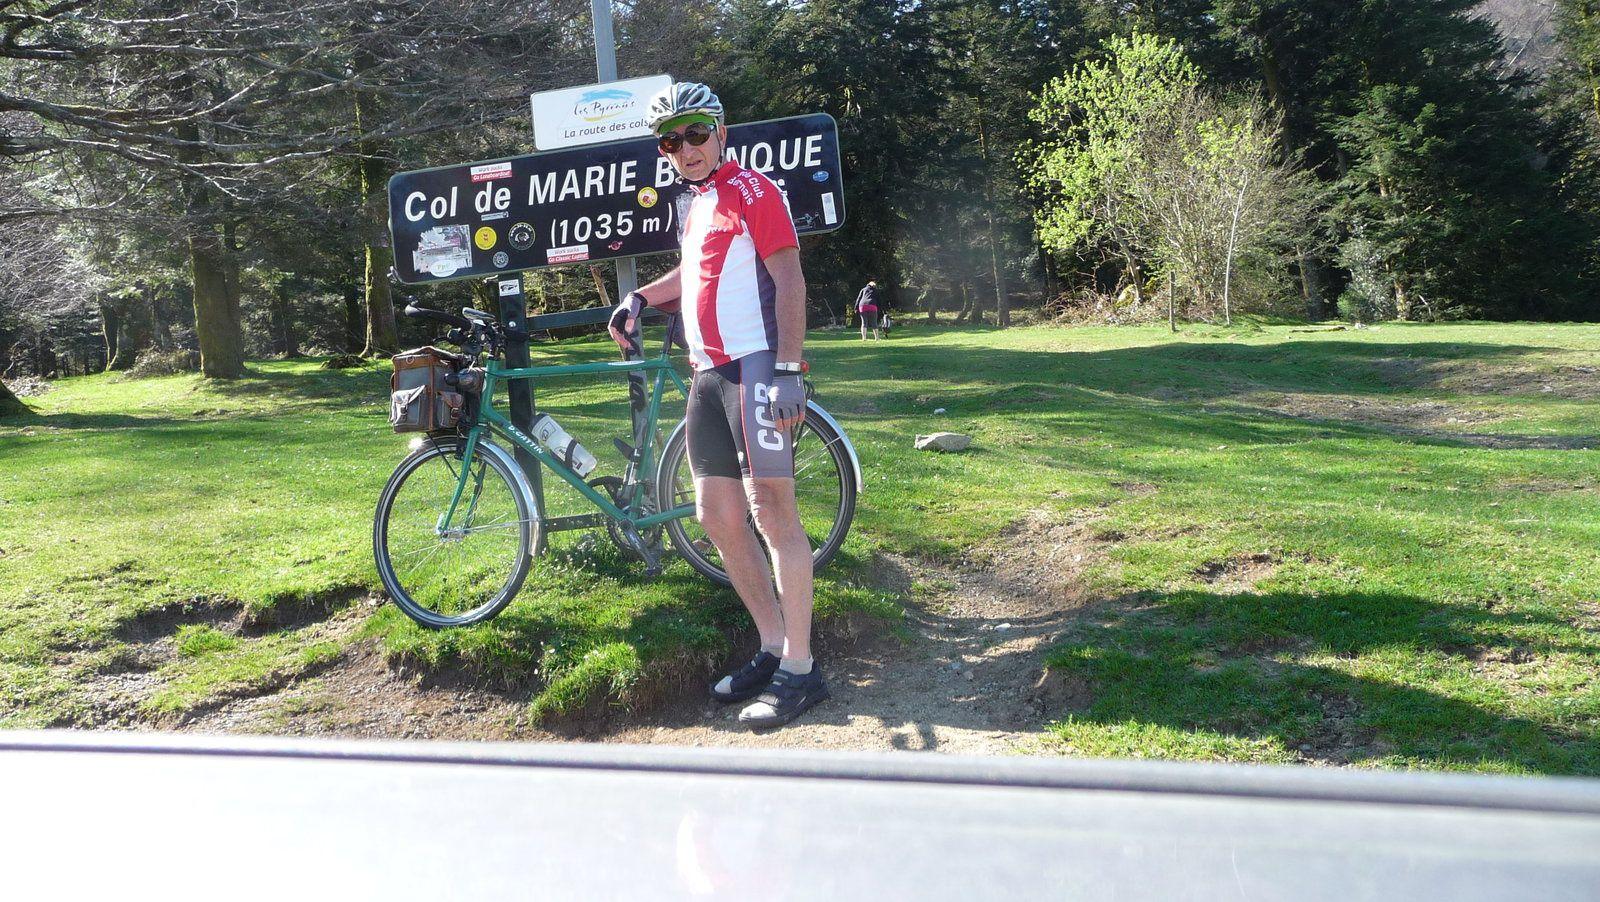 Le Col de Marie Blanque.